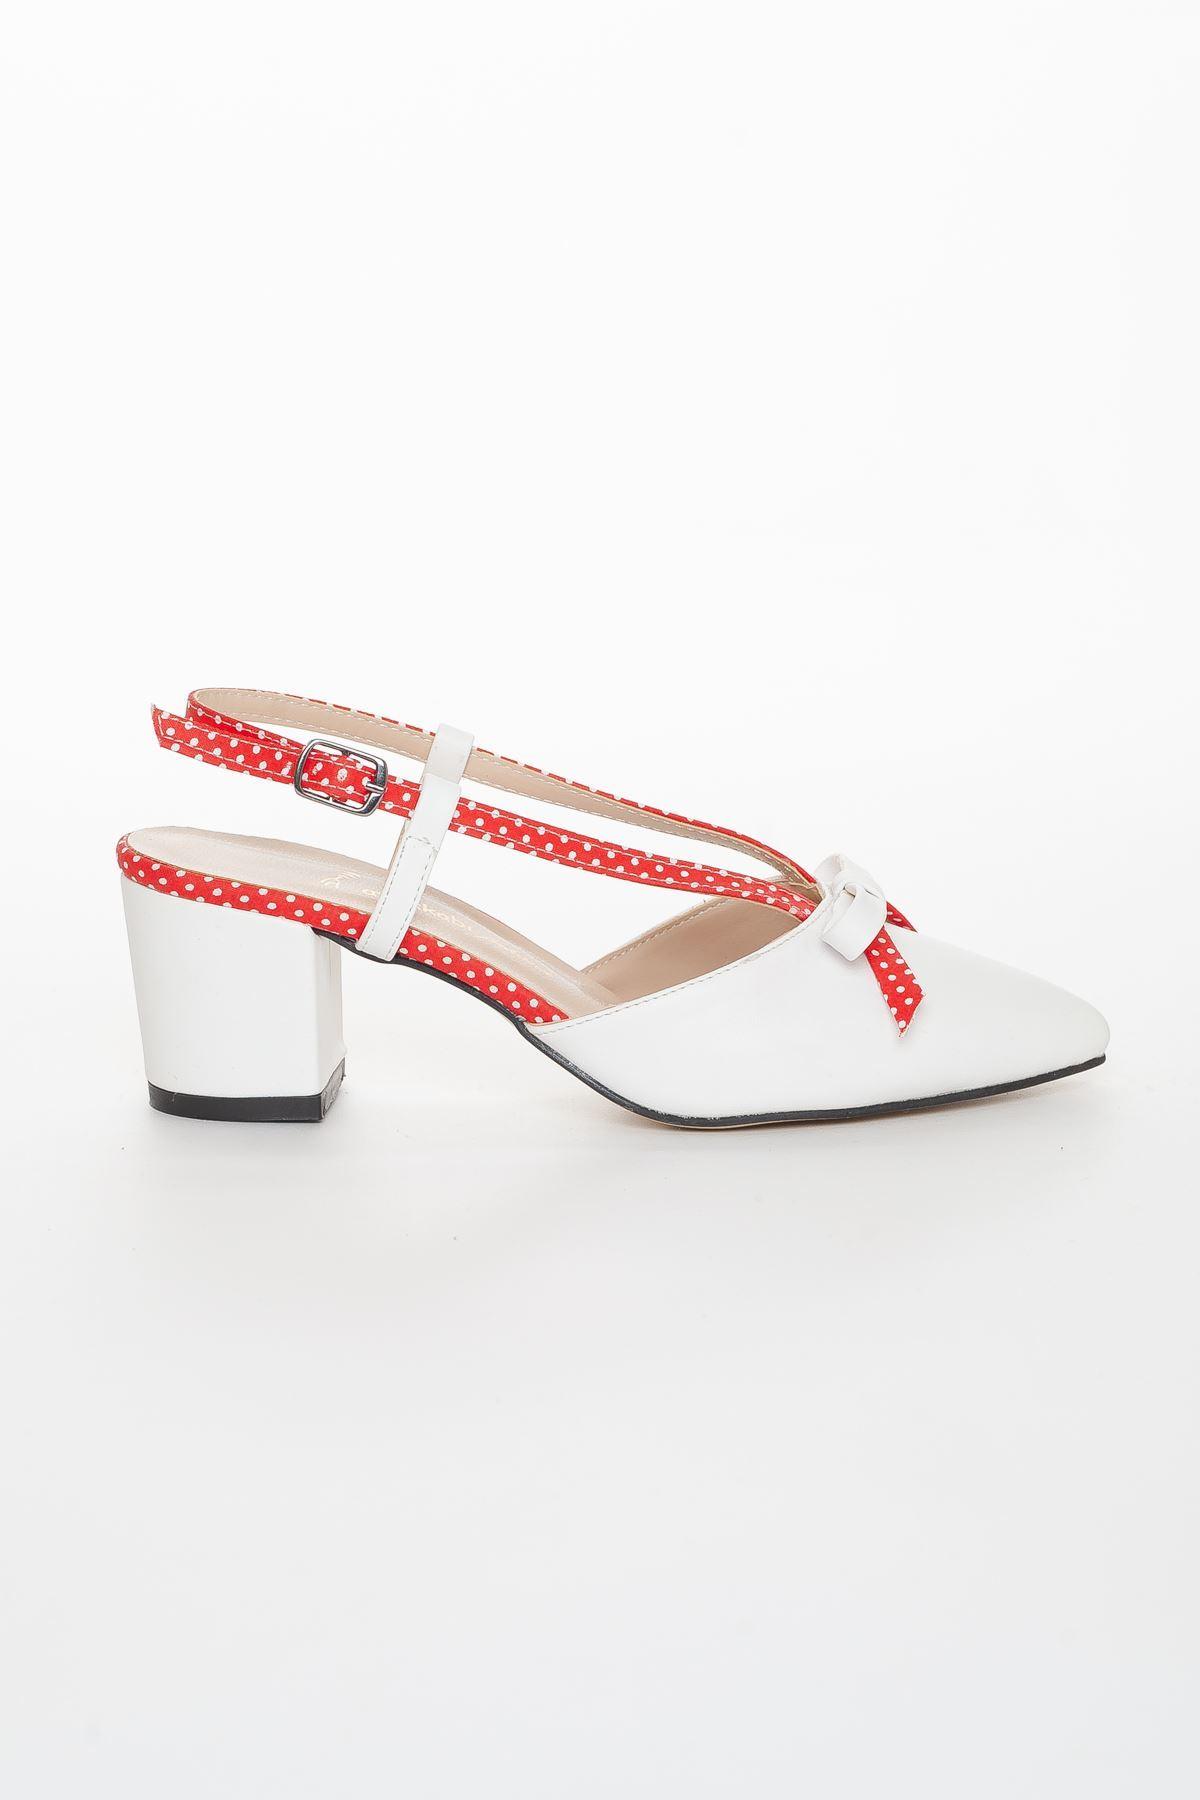 Felo Topuklu Ayakkabı BEYAZ-KIRMIZI